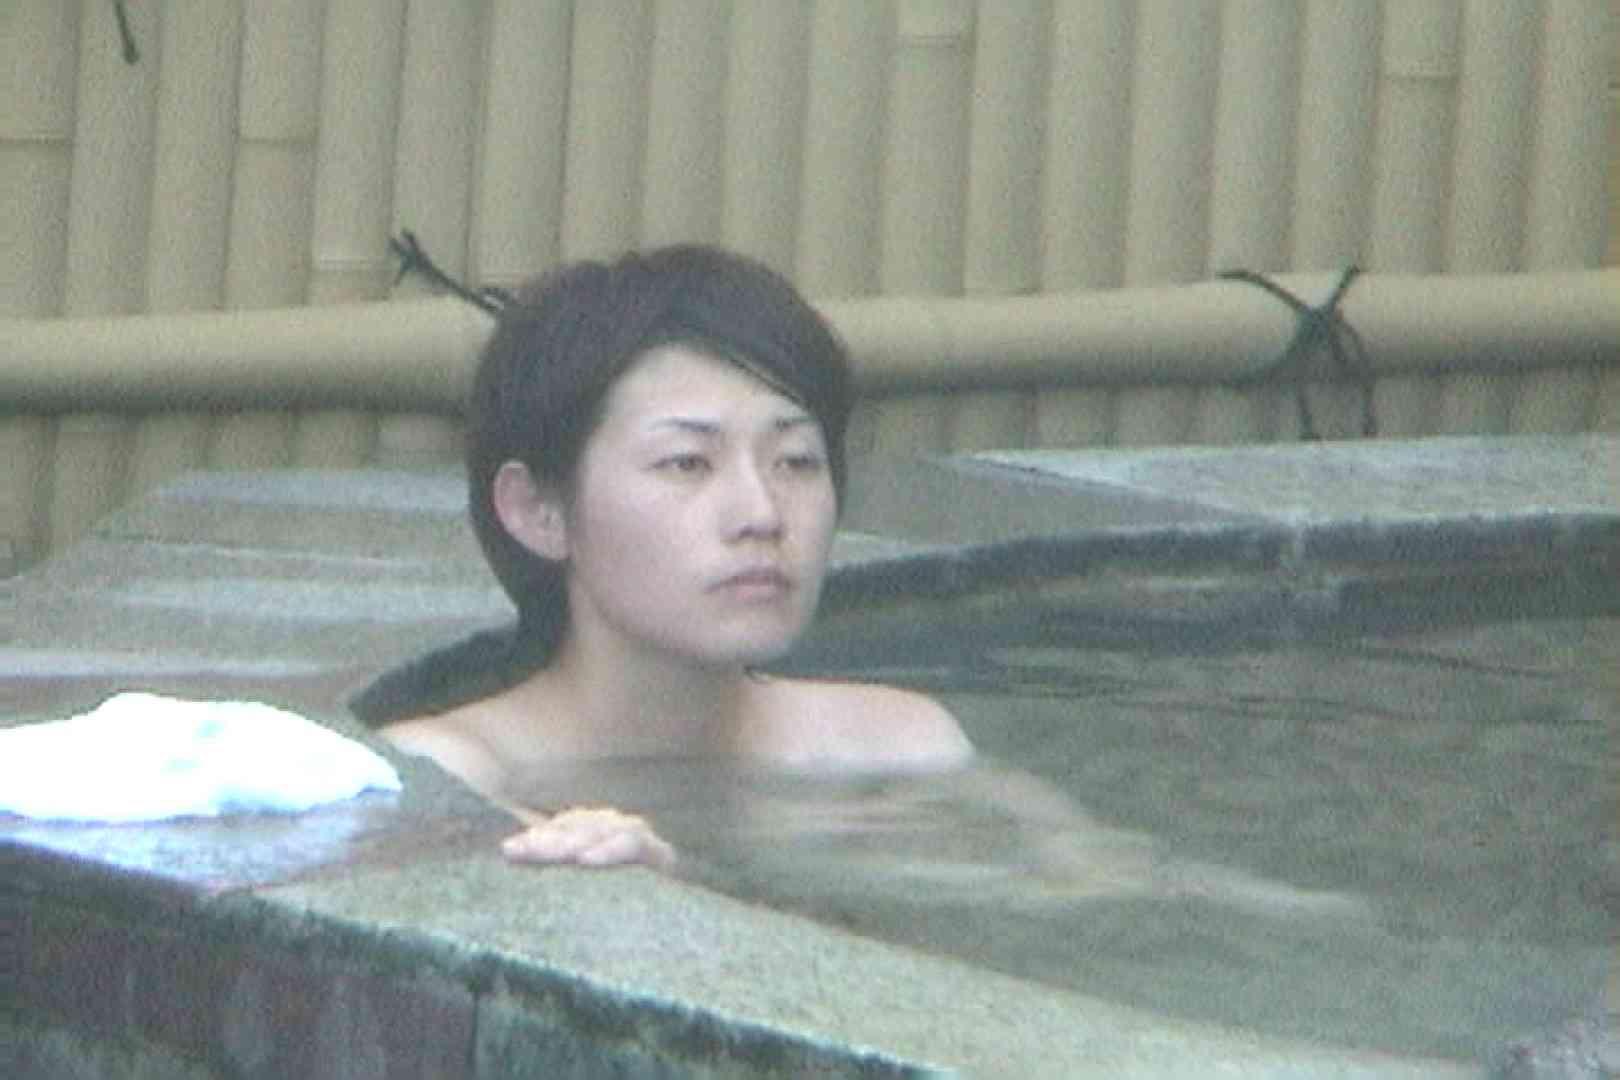 Aquaな露天風呂Vol.100【VIP限定】 盗撮シリーズ  105PIX 38